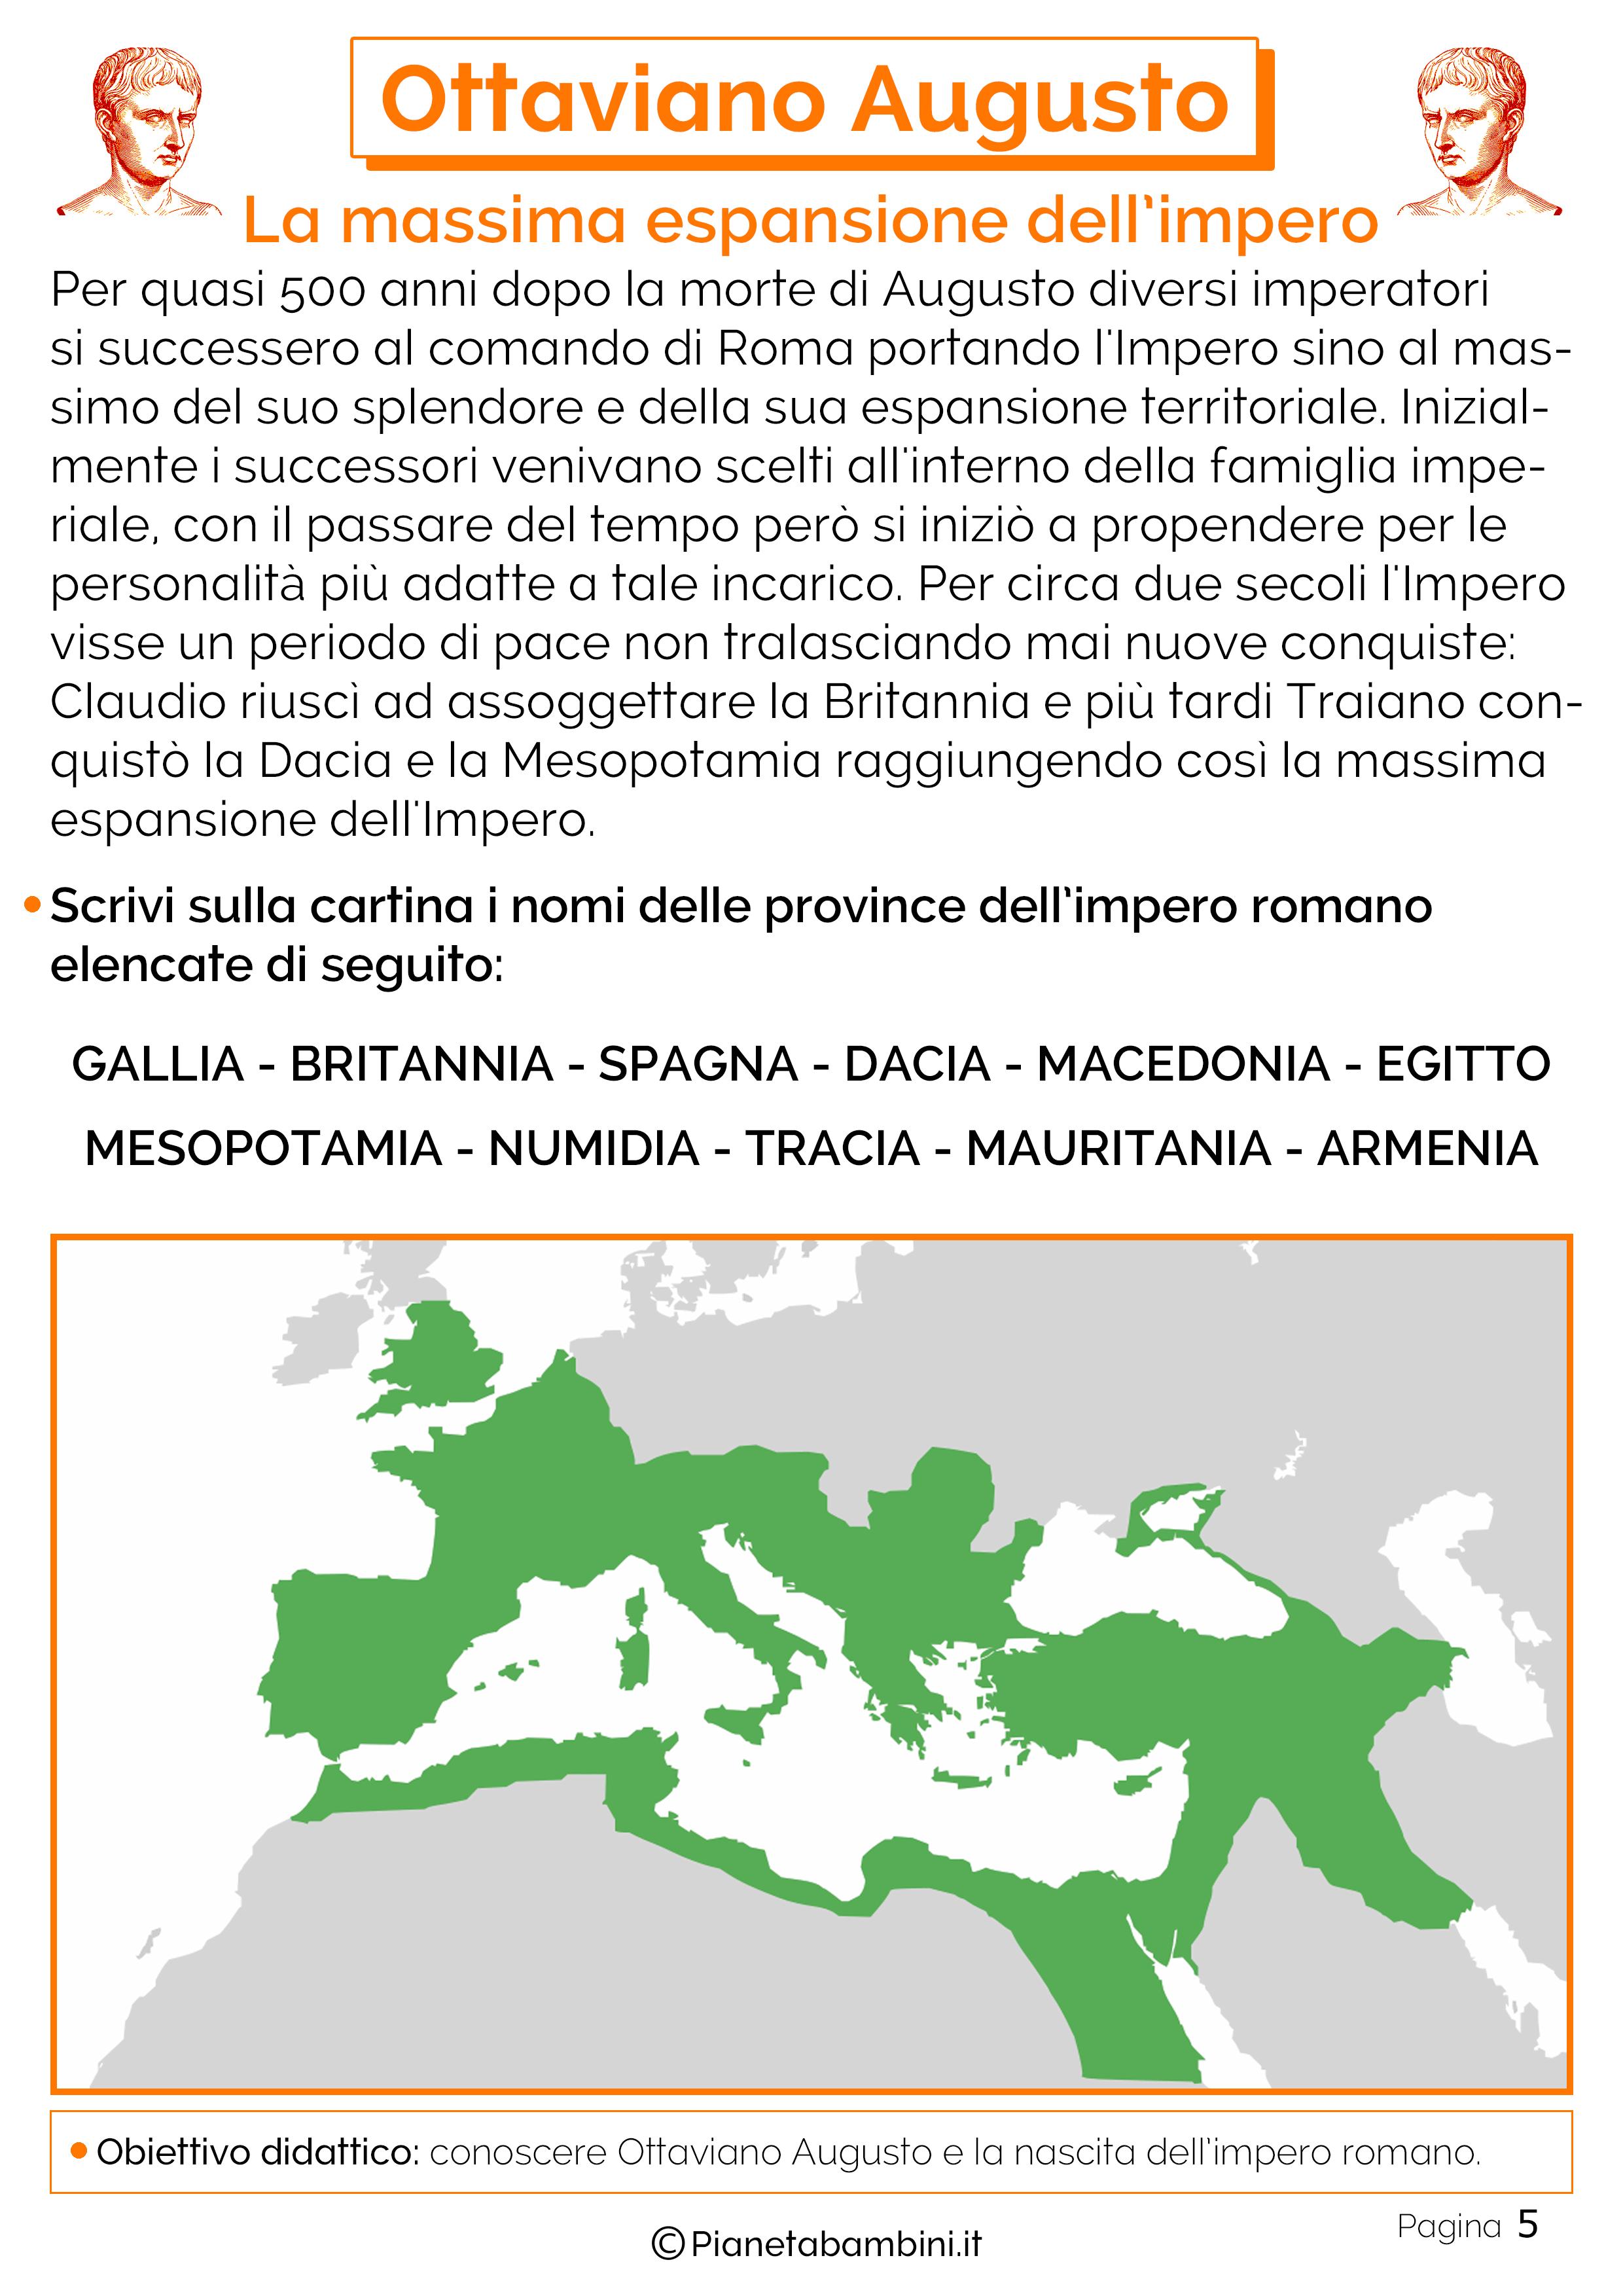 La massima espansione di Roma